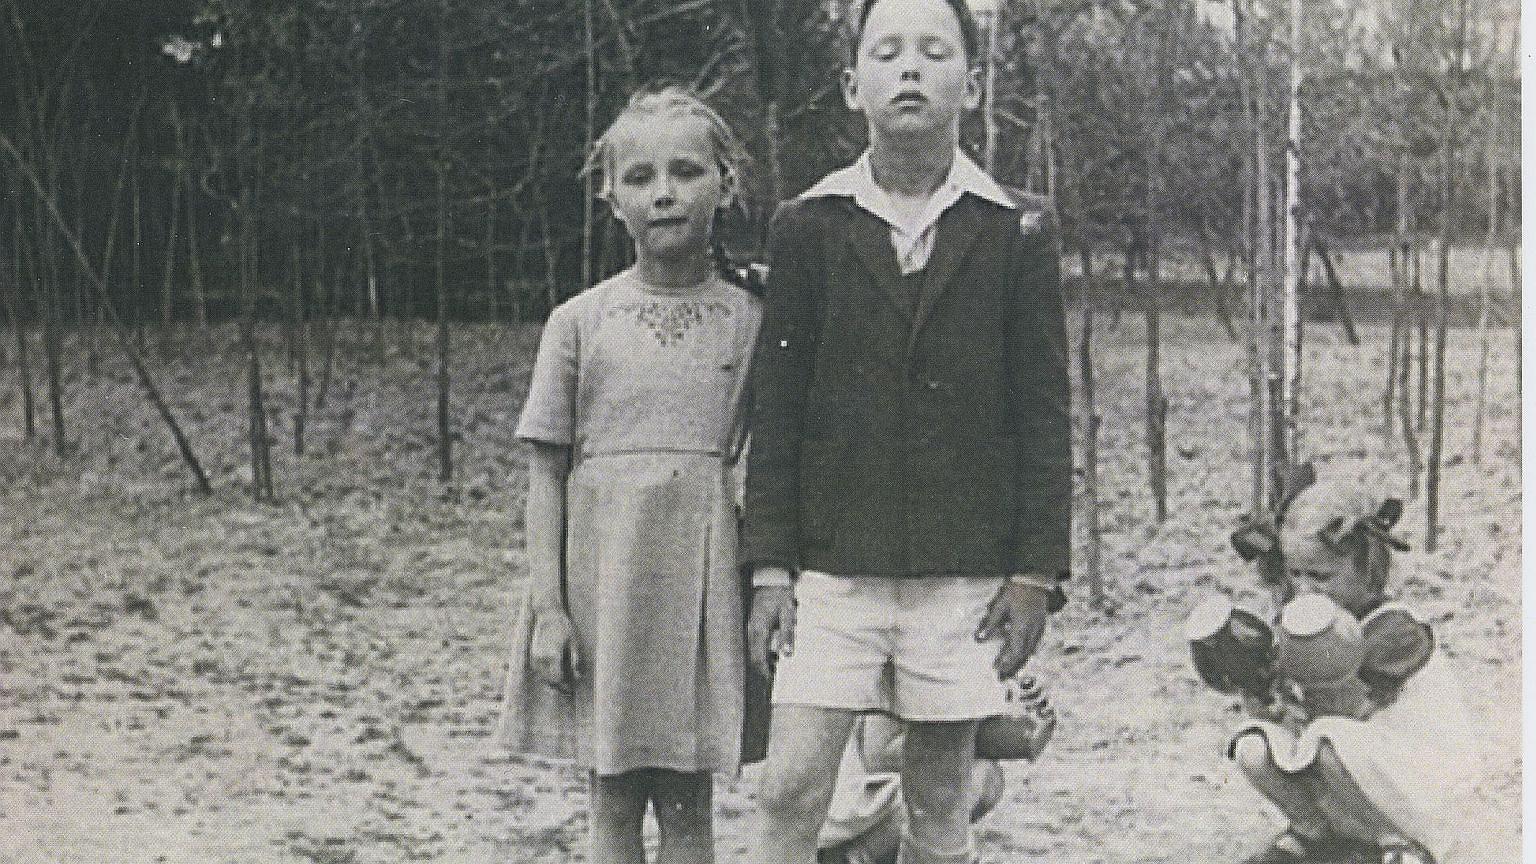 Barbara i Wojciech w Komorowie, 1951 rok